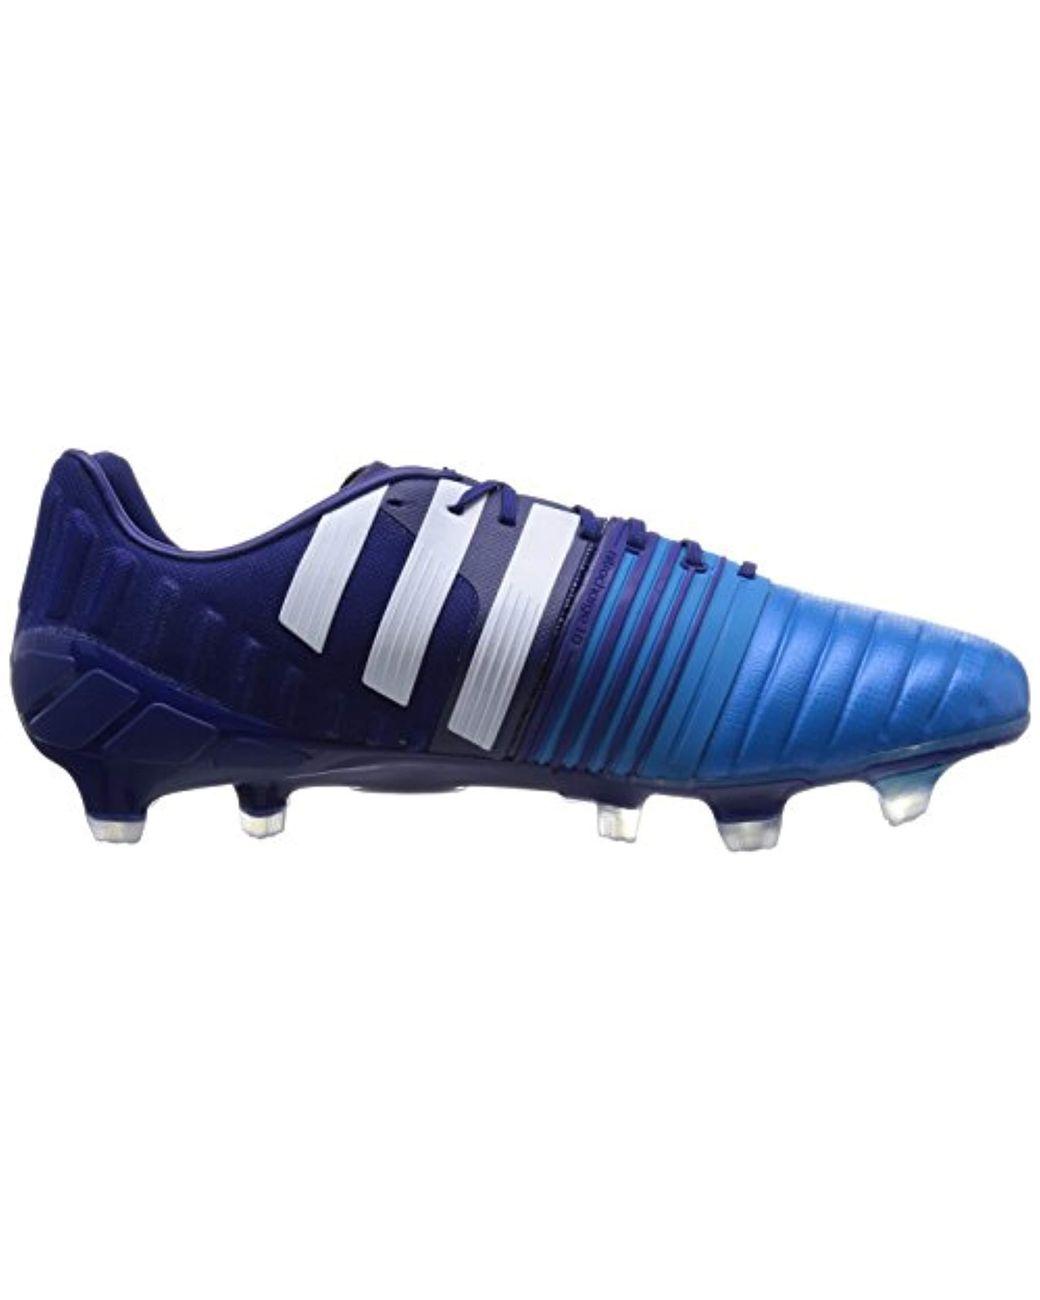 87fd6d4616352 Men's Blue Nitrocharge 1.0 Firm Ground, Football Boots